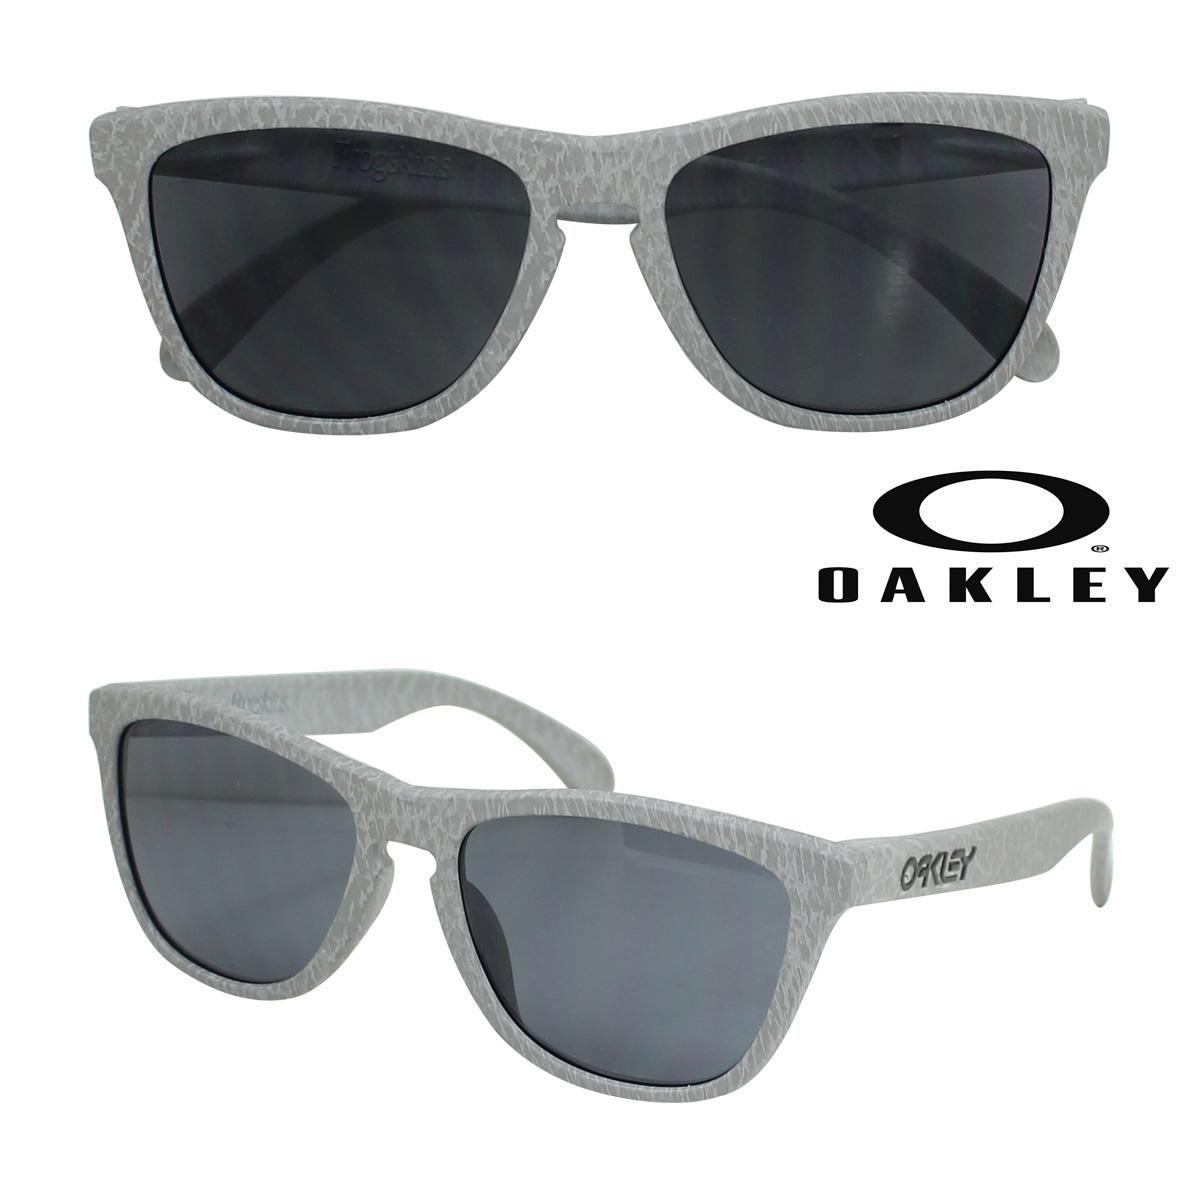 【最大2000円OFFクーポン】 オークリー Oakley サングラス アジアンフィット Frogskins フロッグスキン Asian Fit OO9245-30 スモーク グレー メンズ レディース